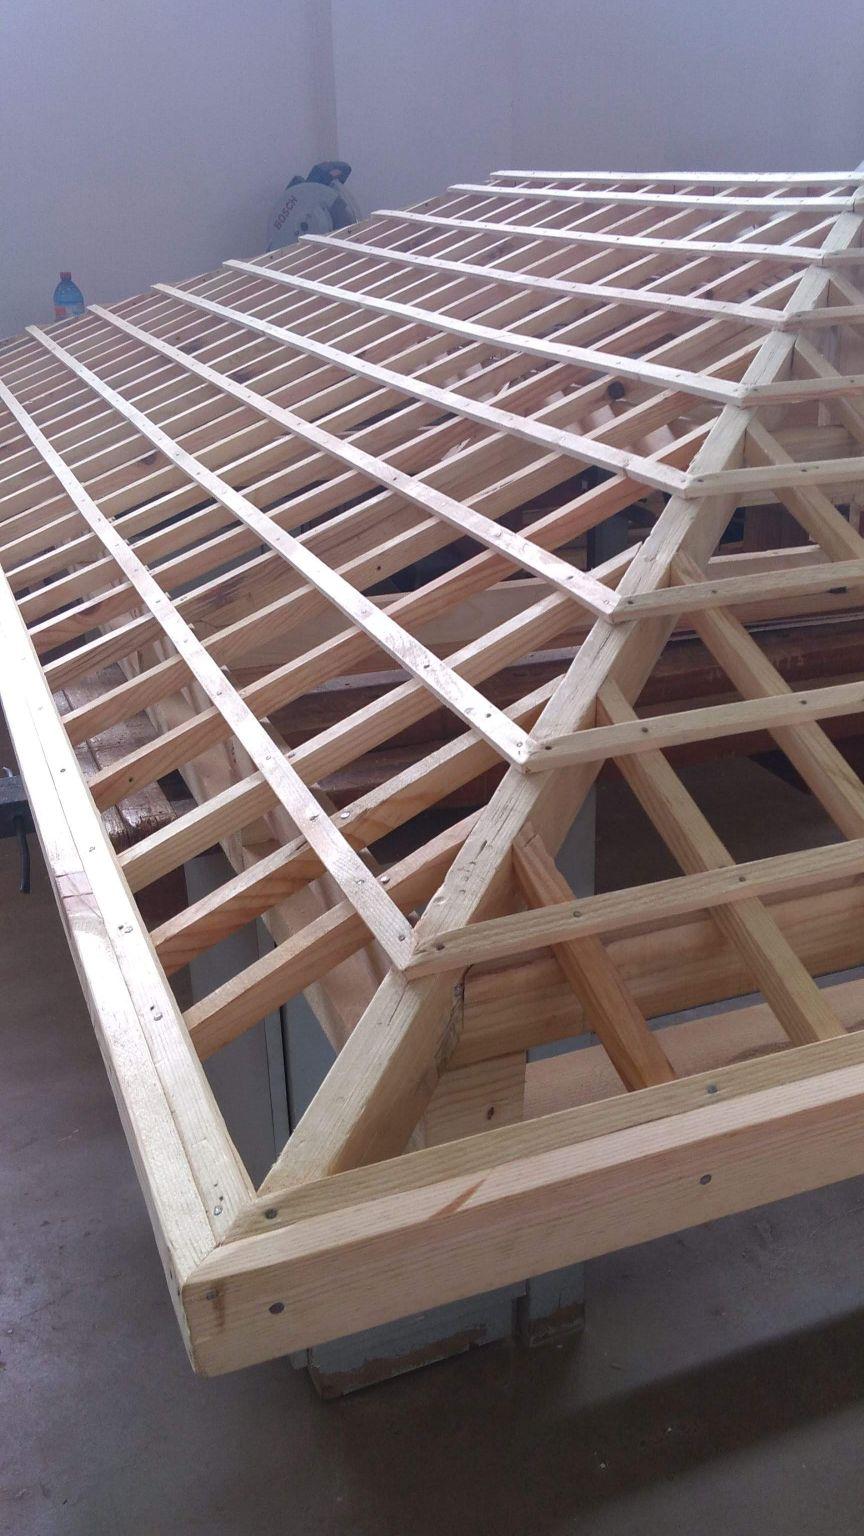 Carpintaria de estrutura de telhado